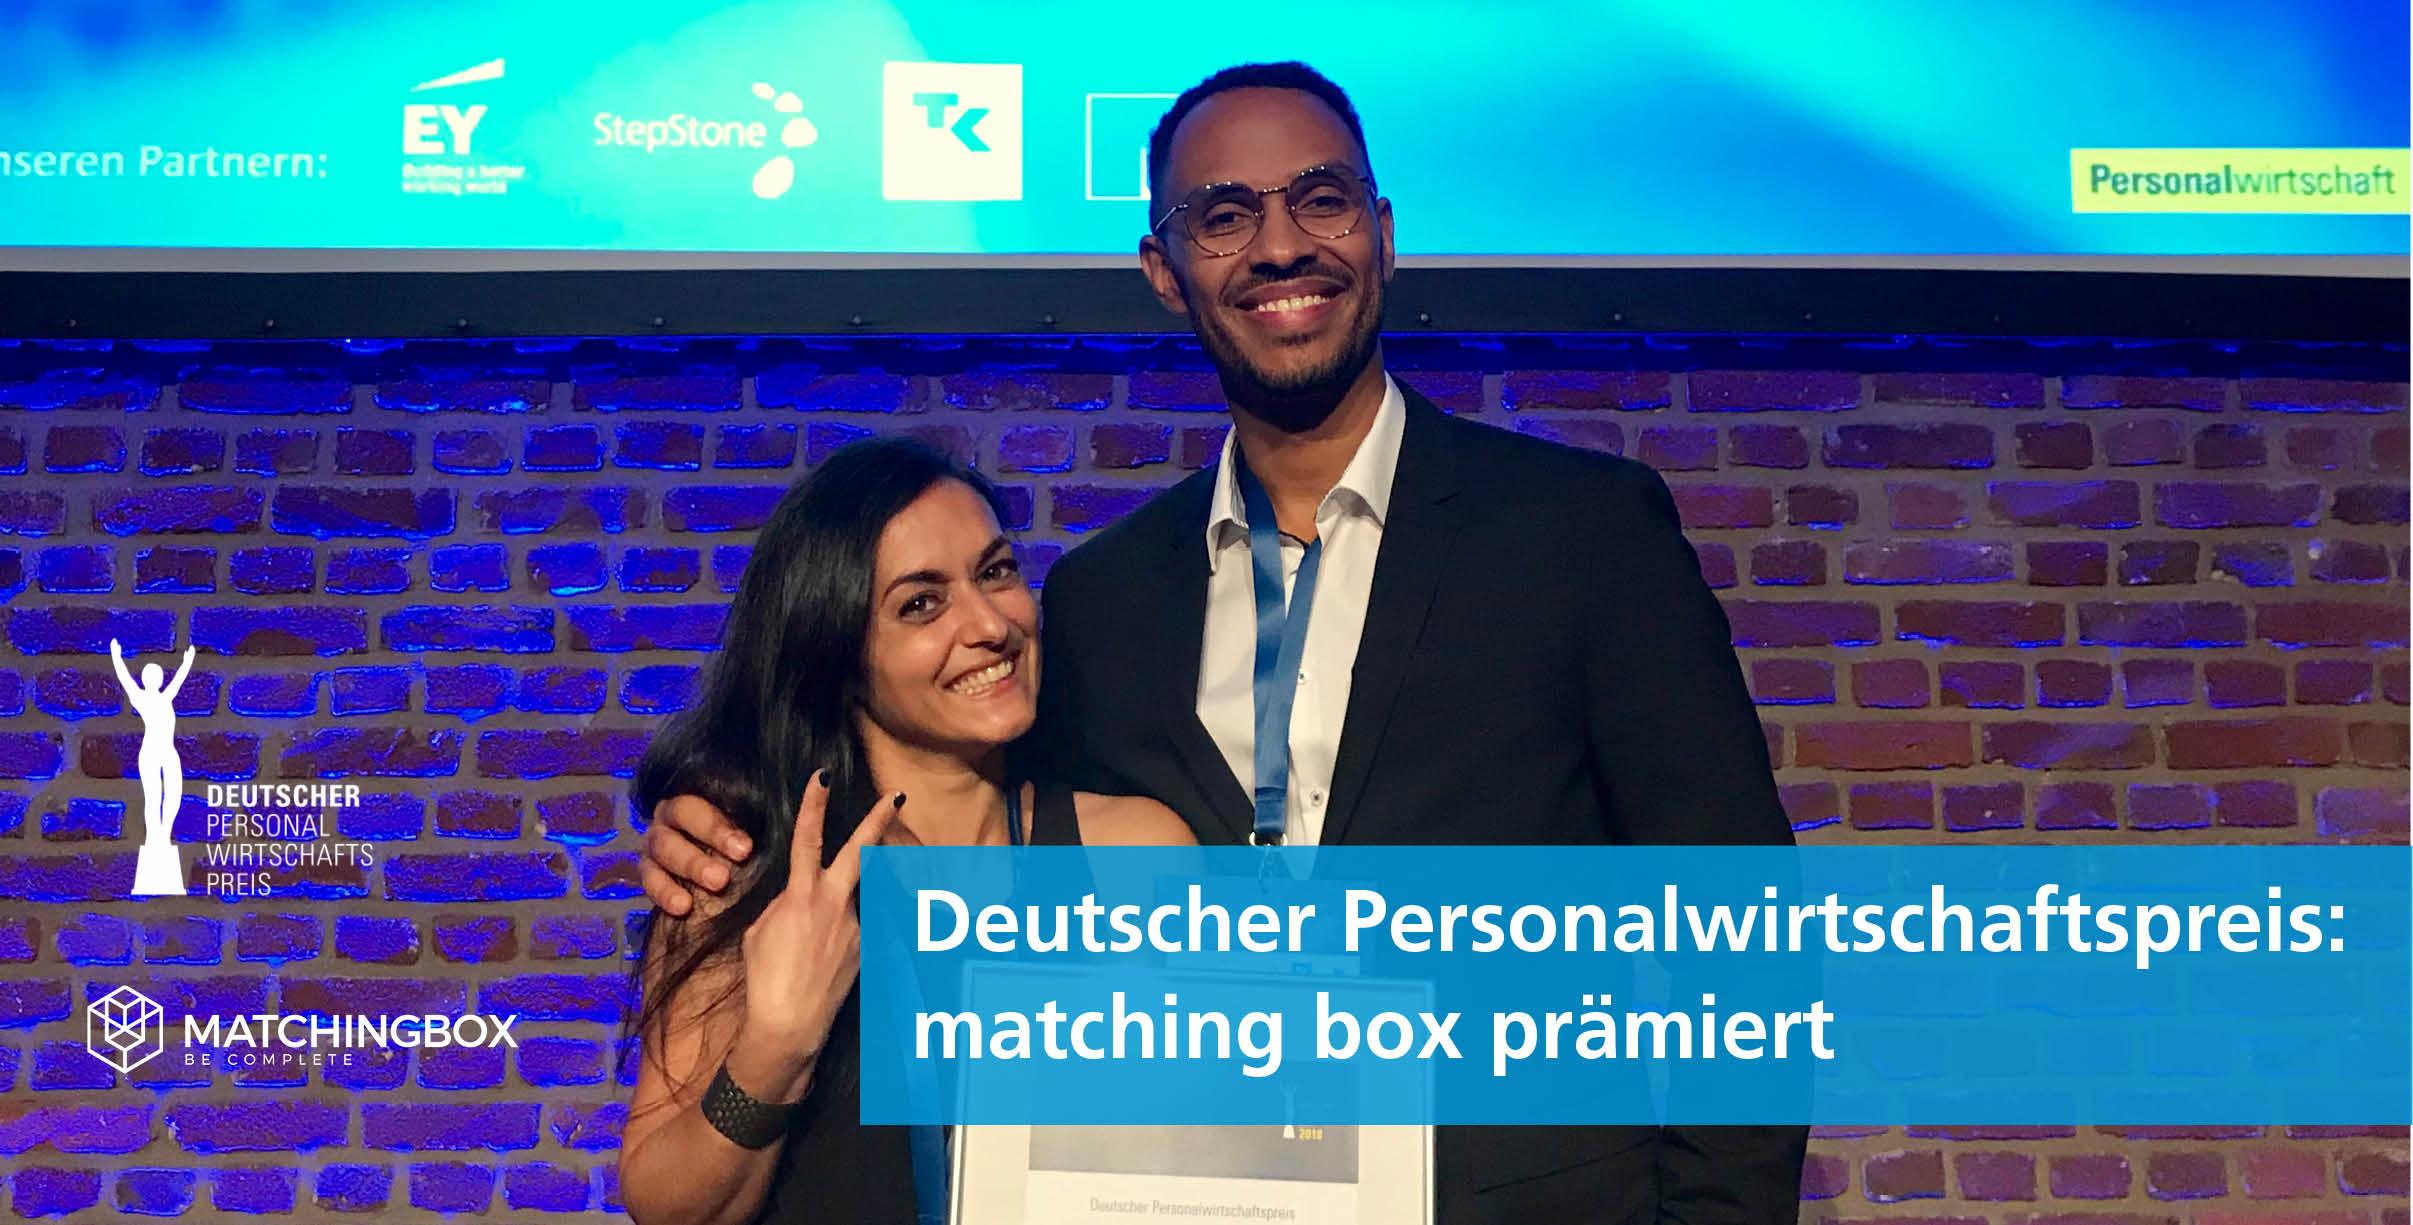 matching box Deutscher Personalwirtschaftspreis